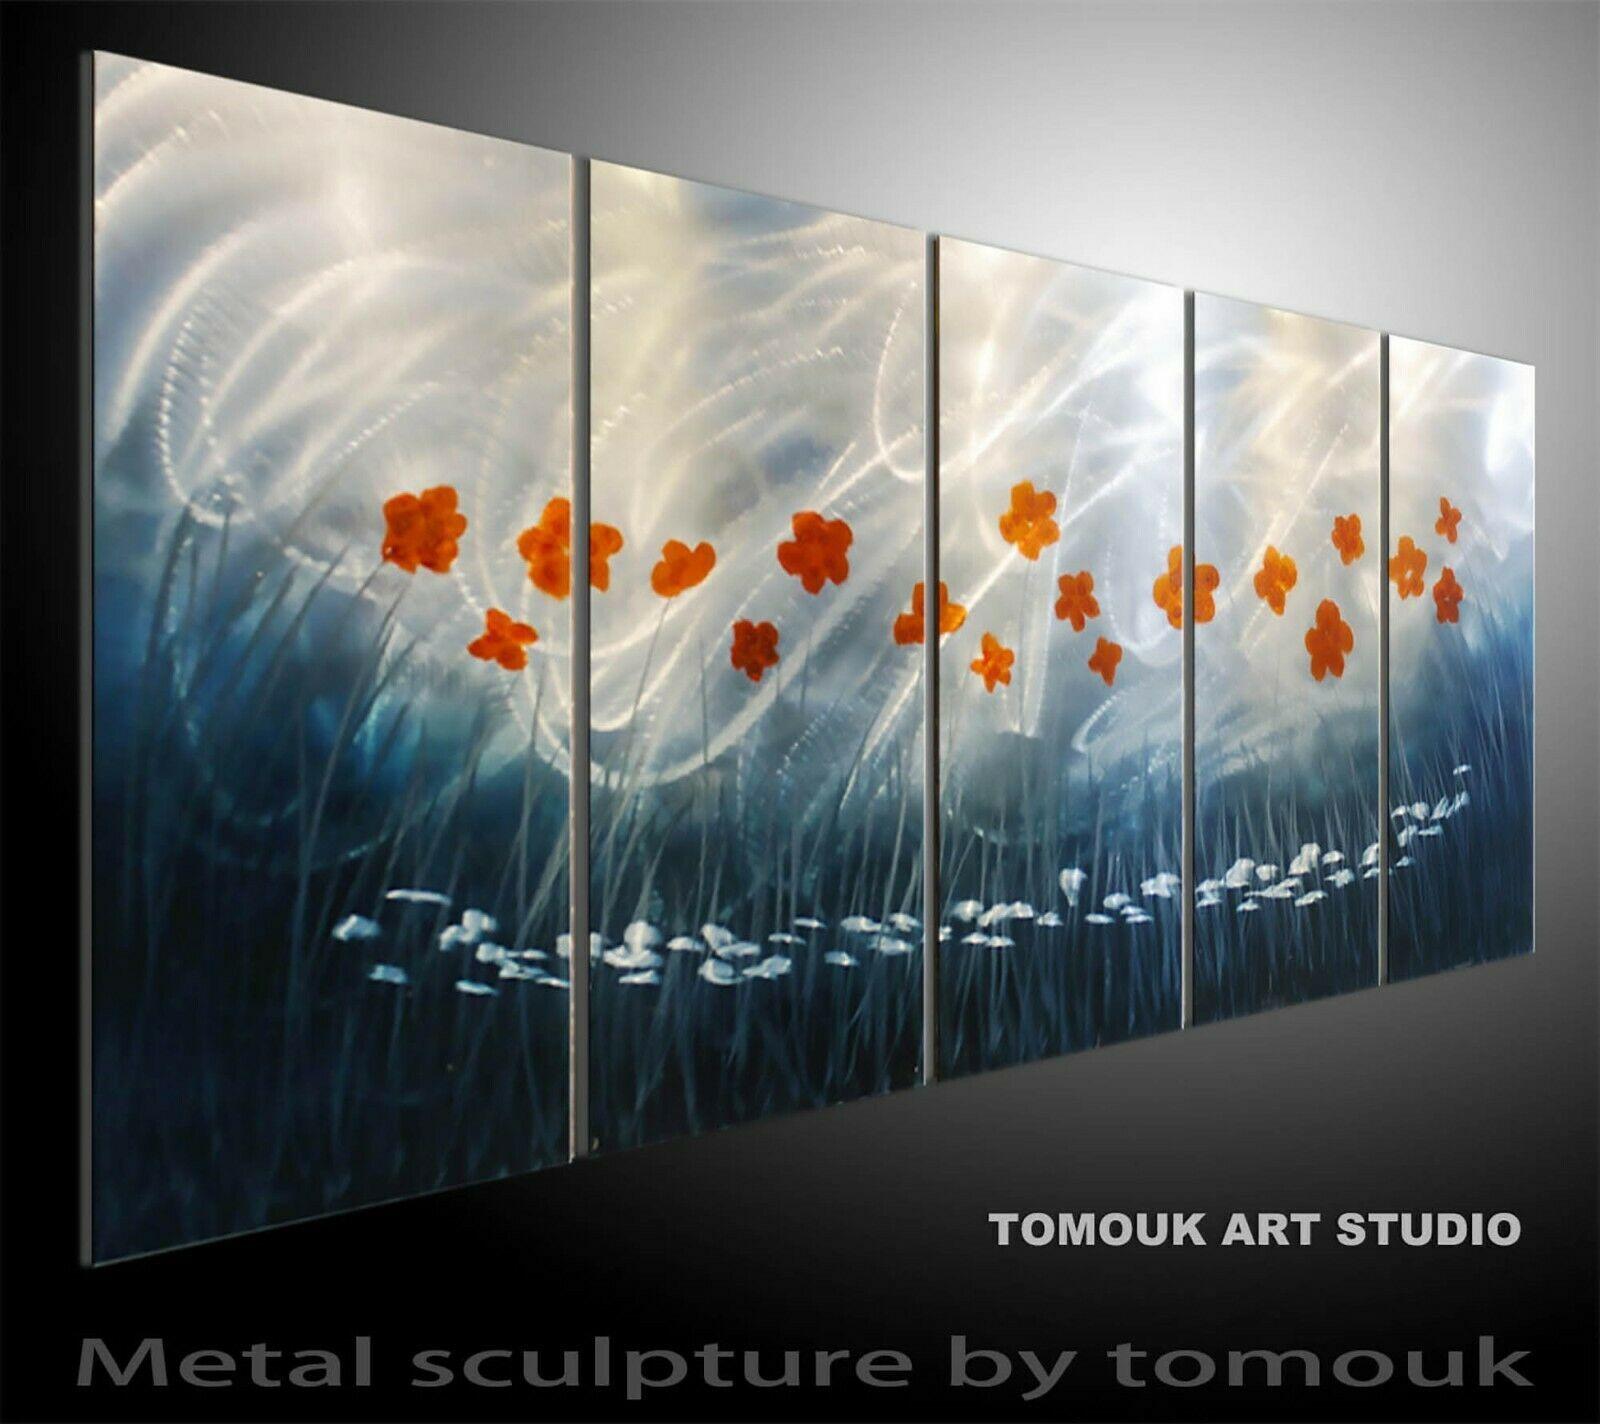 Https Ift Tt 2wtrxbc Blue Metal Art Ideas Of Blue Metal Art Blueart Bluemetalart Abstract Metal Wall Art Metal Sculpture Wall Art Navy Blue Wall Art